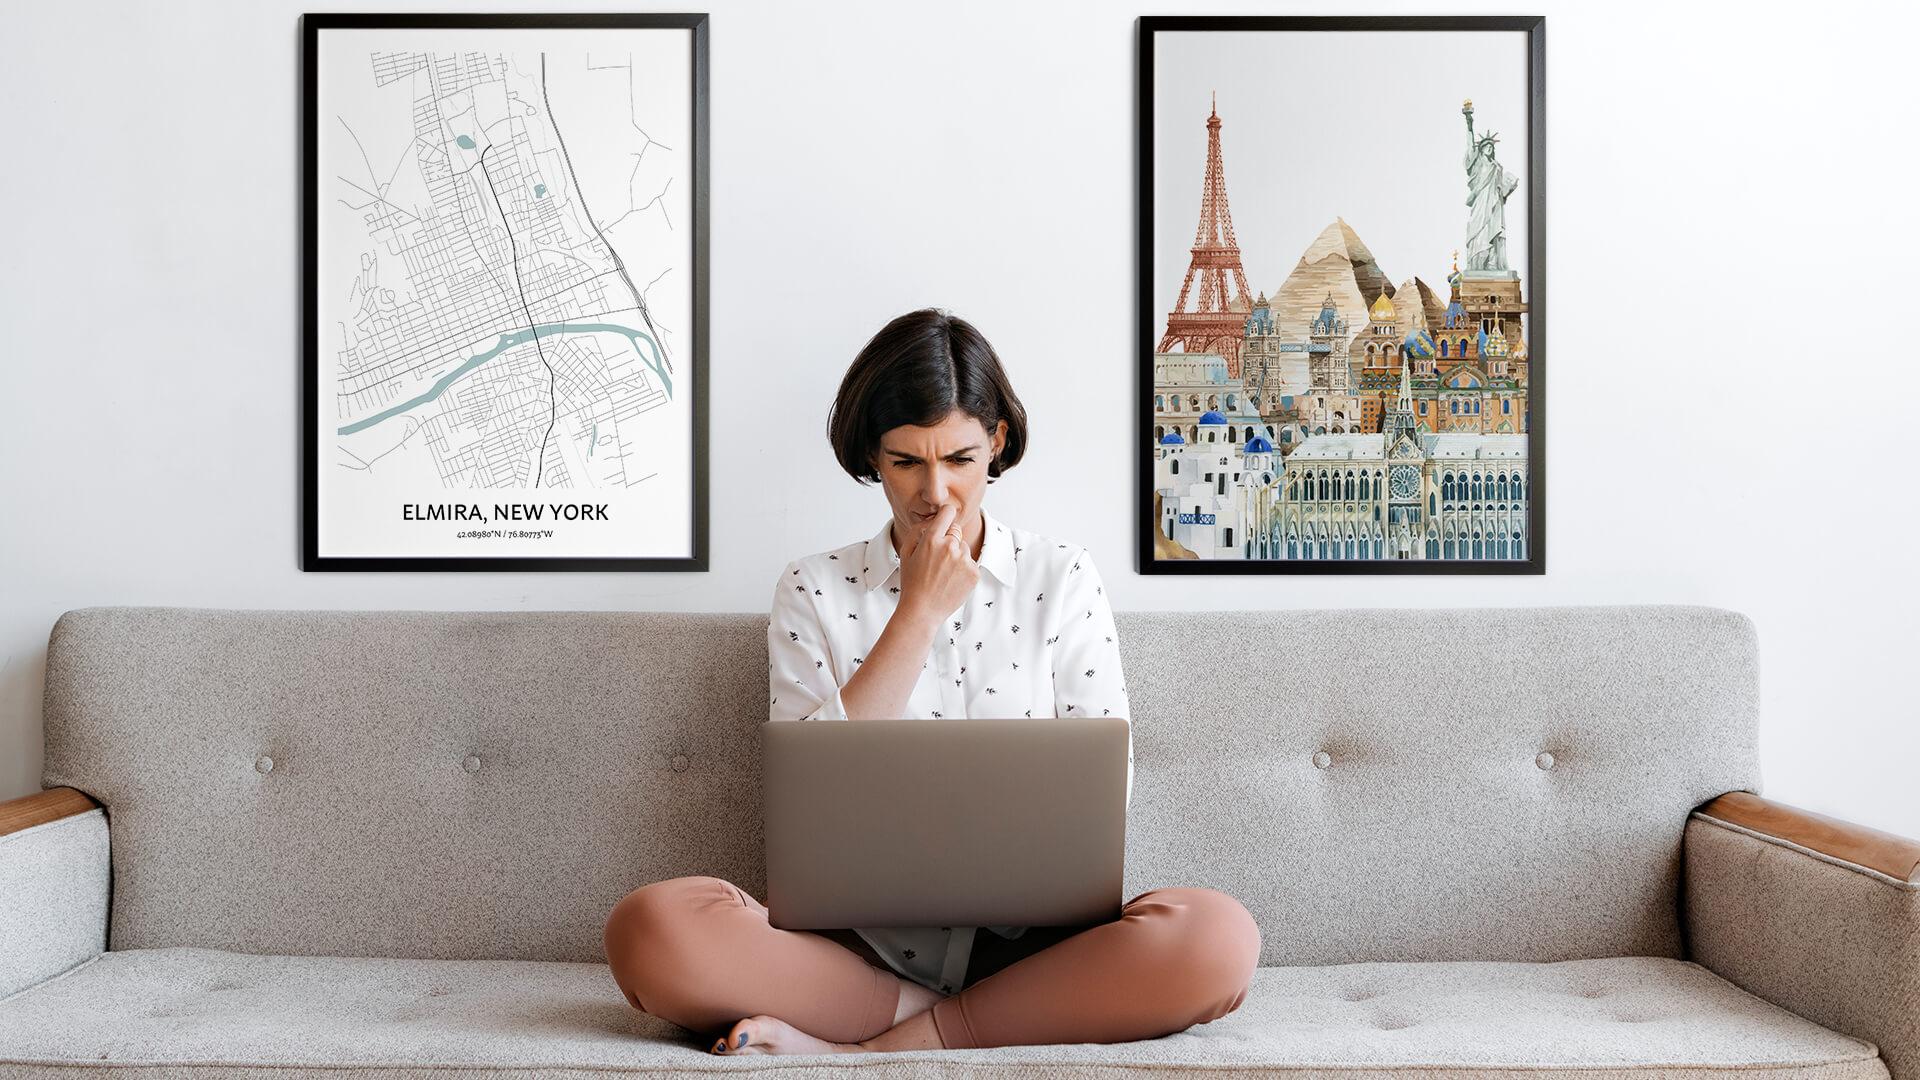 Elmira city map art